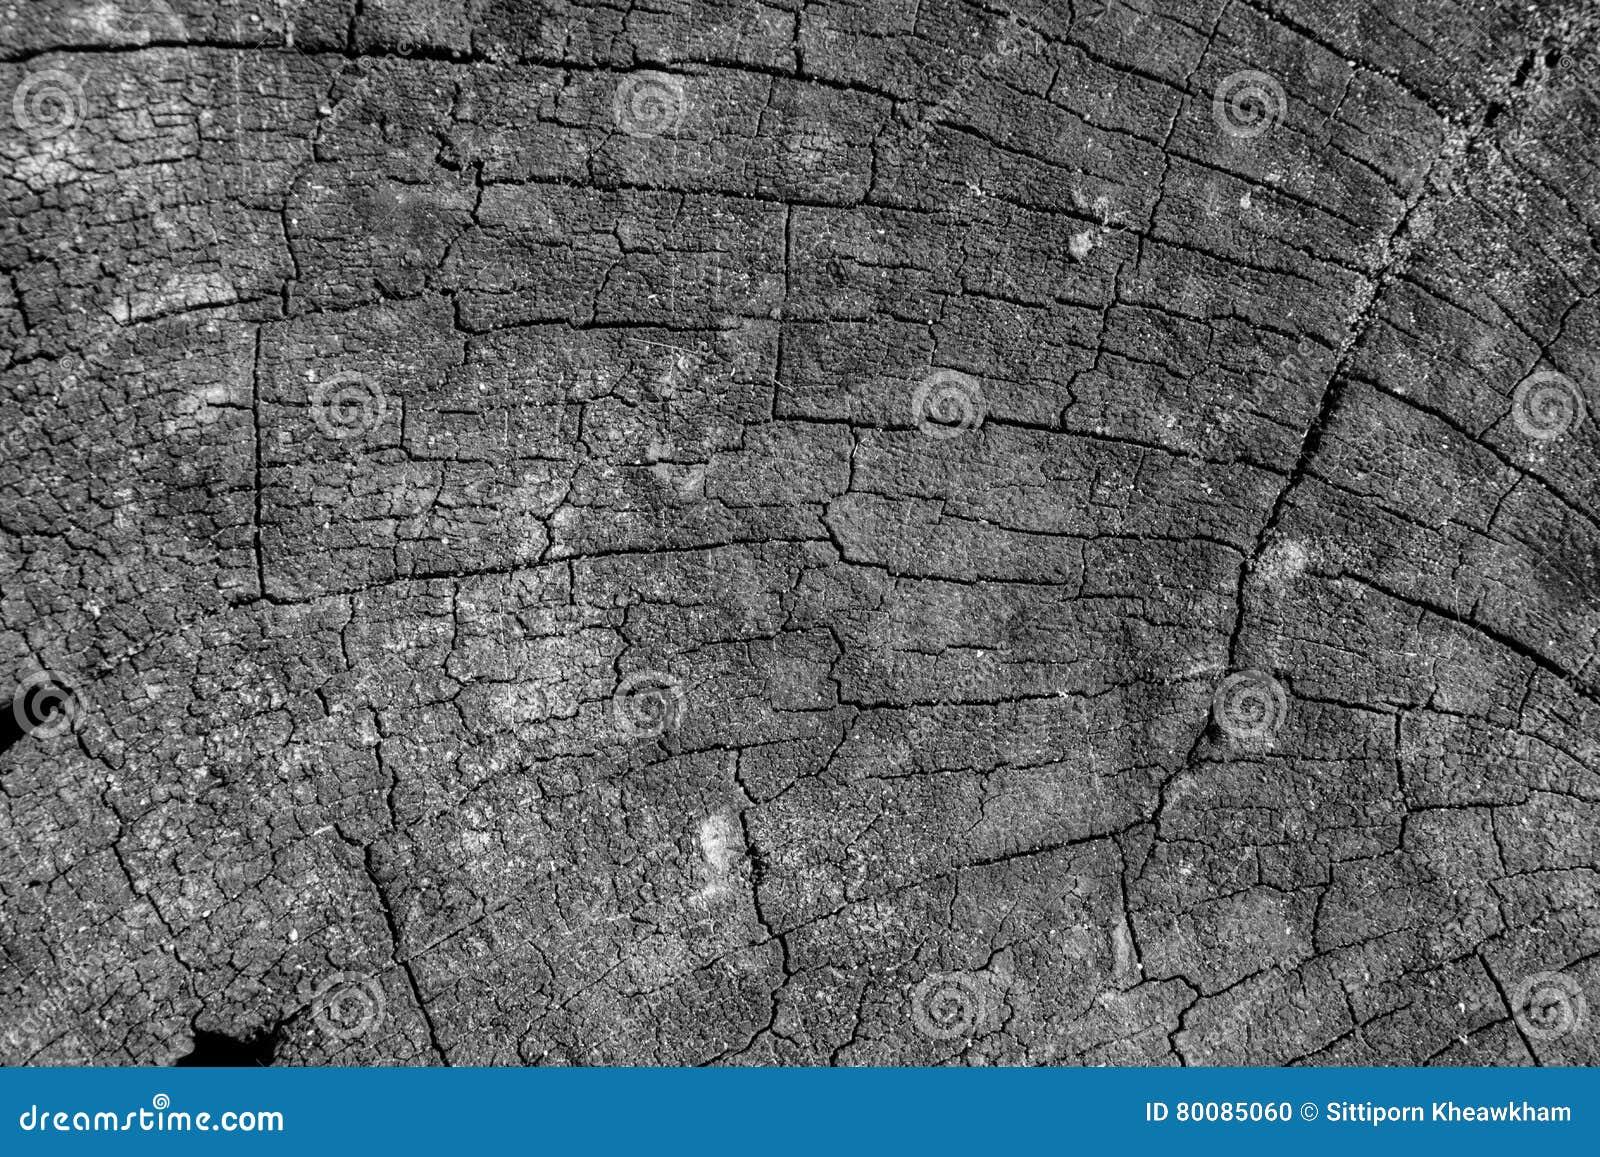 Fundo de superfície marcado da textura do tronco de árvore